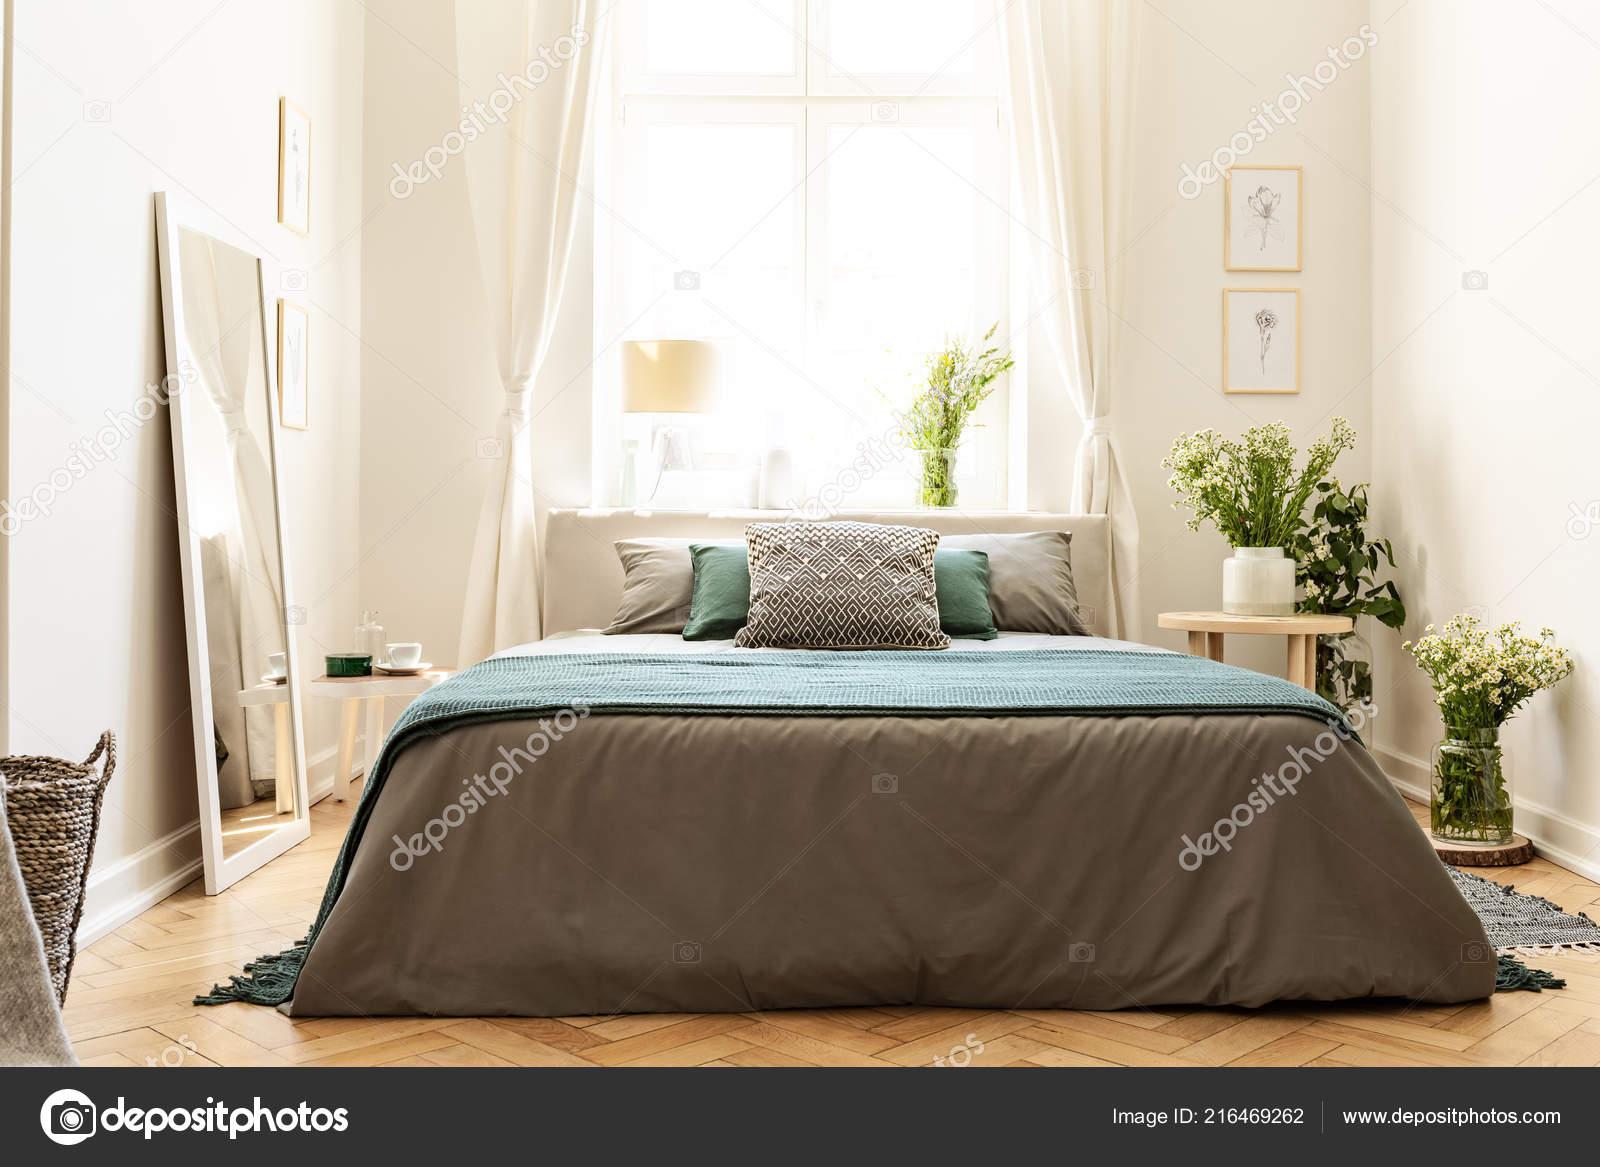 Beige Grün Und Grau Schlafzimmer Innenraum Ein Mietshaus Mit Einem ...